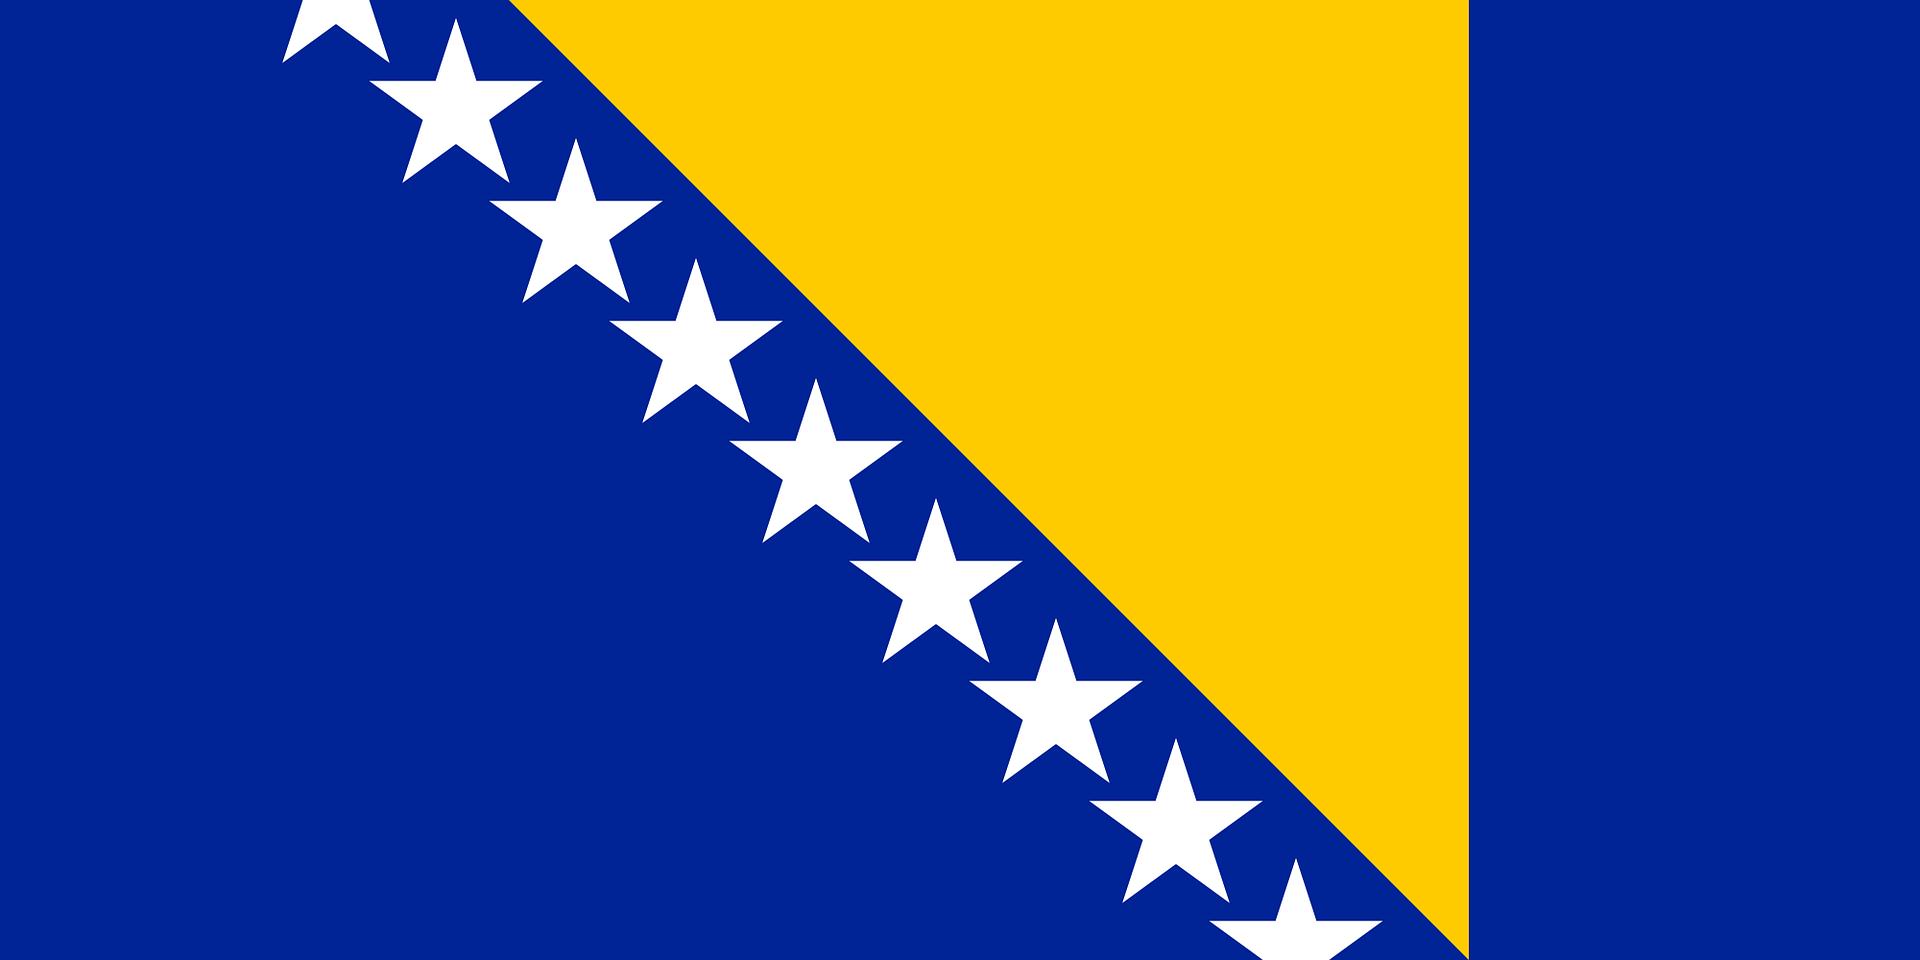 Opći izbori u BiH 7. listopada, čekaju se nužne izmjene izbornog zakona